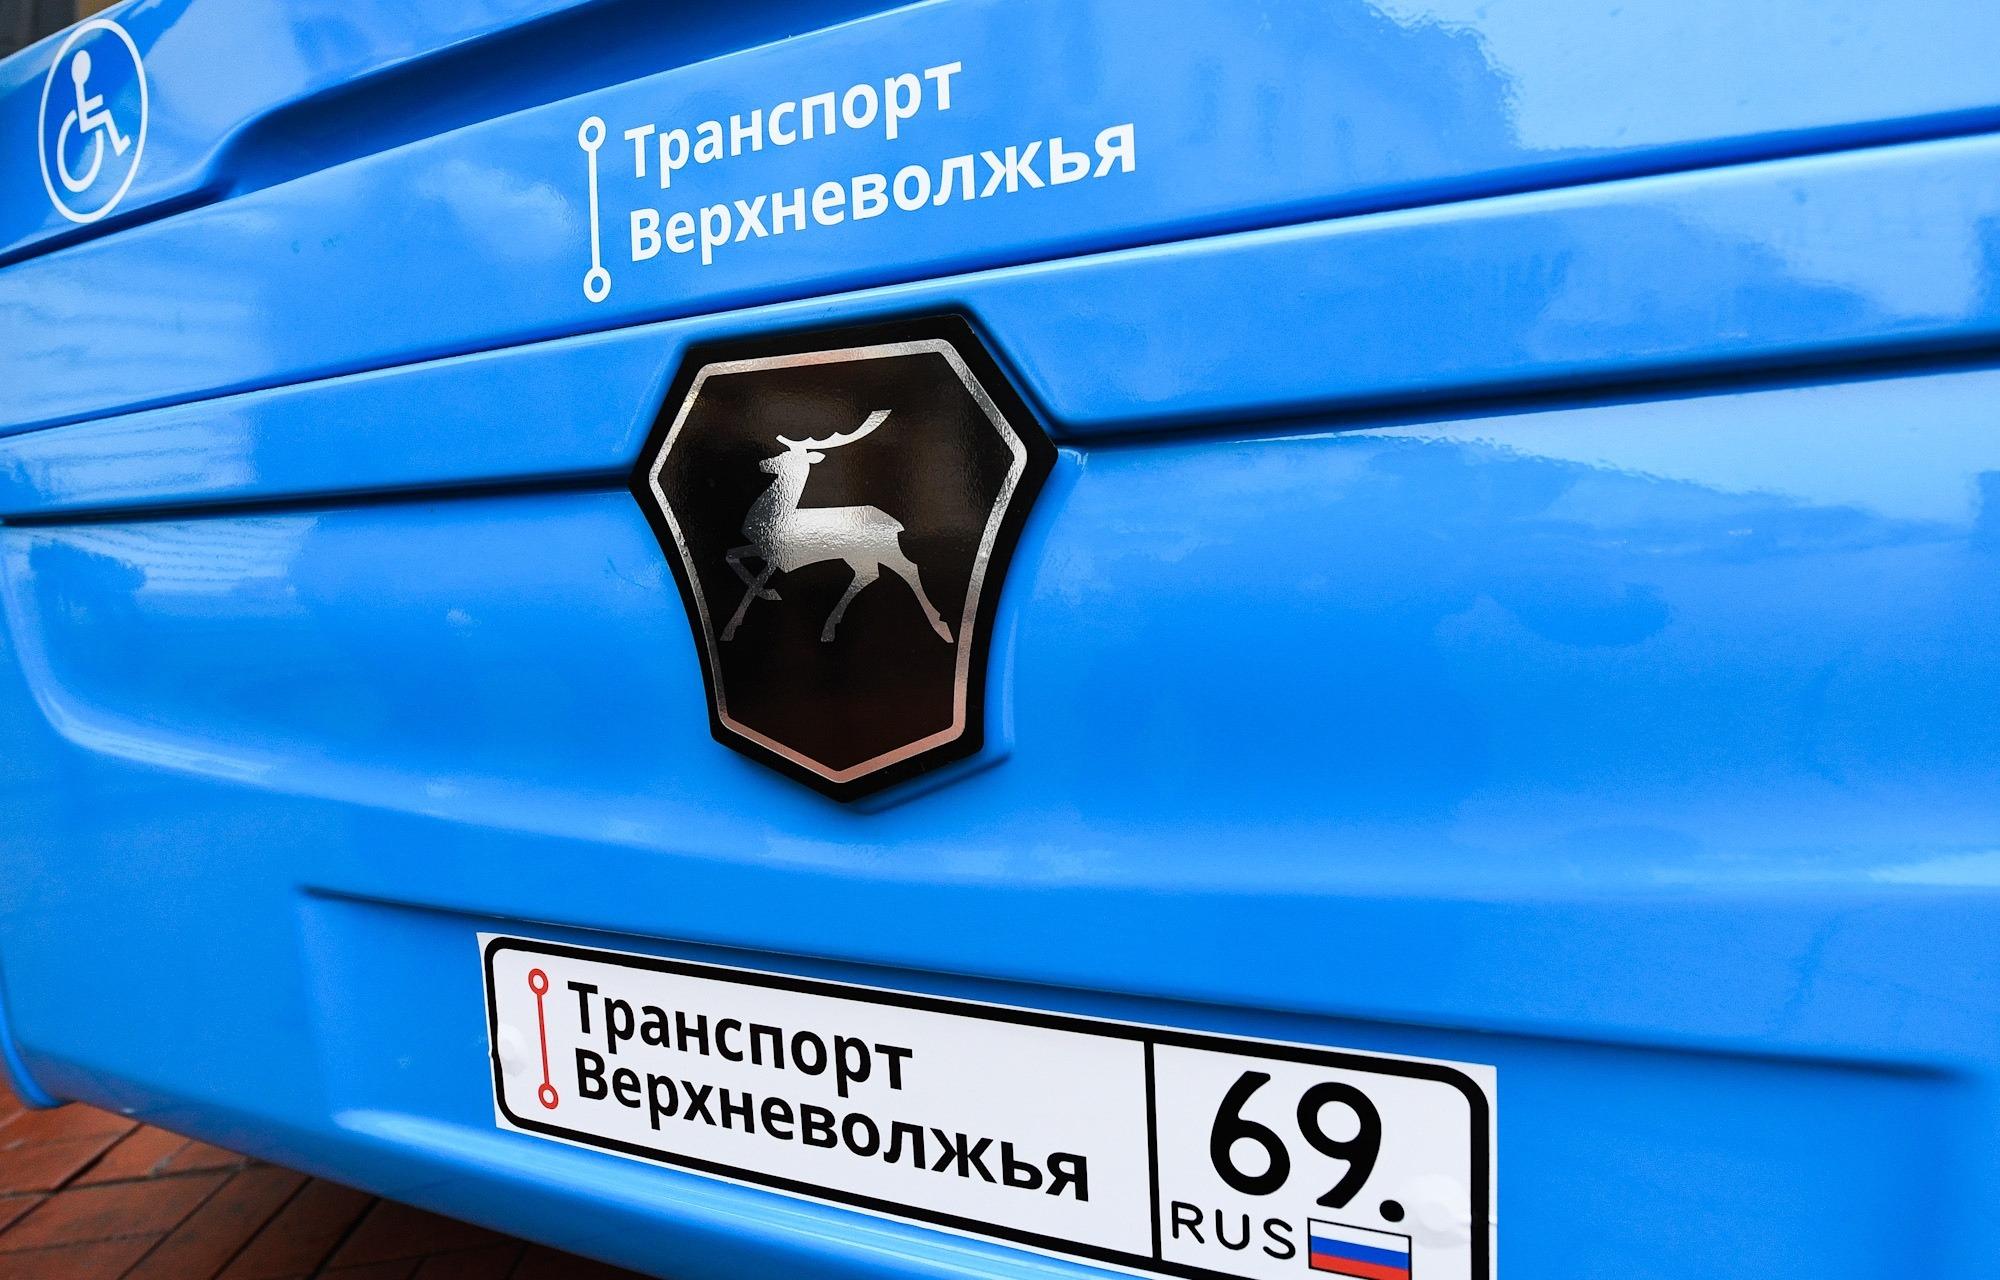 Водители, медики и диспетчеры: школьникам Тверской области показали работу Транспорта Верхневолжья